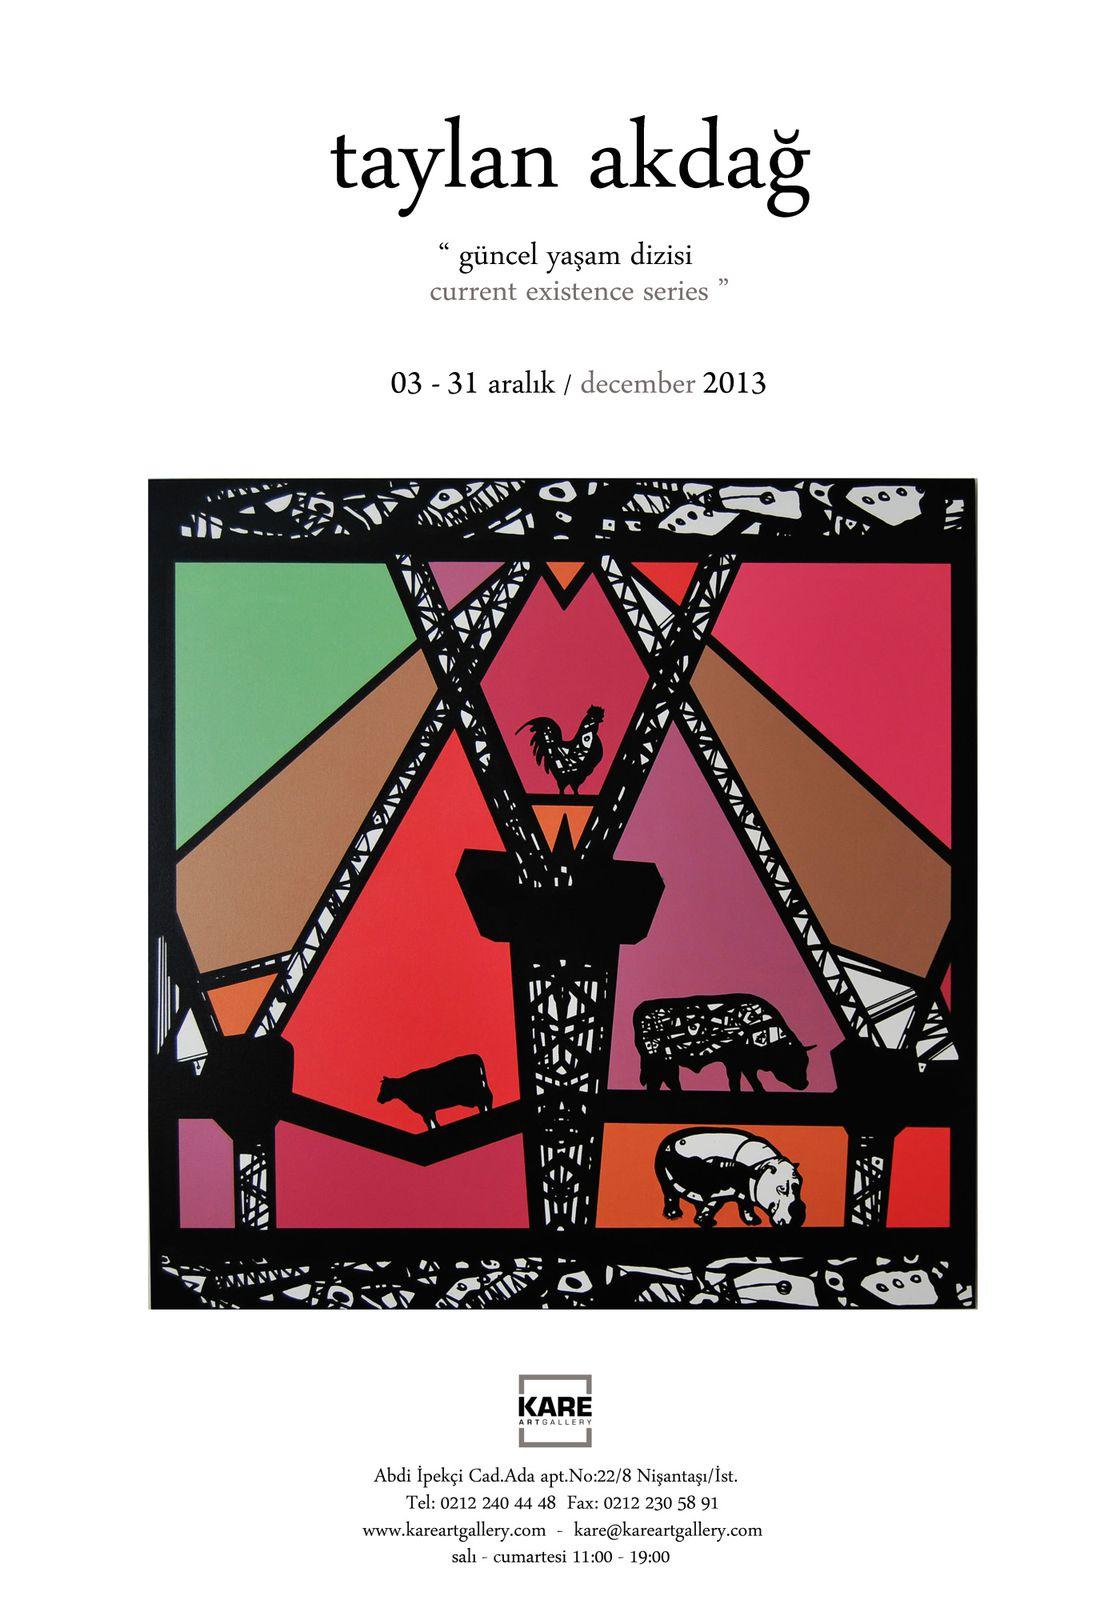 Sergi : ''Güncel Yaşam Dizisi'', Taylan Akdağ - Exhibition